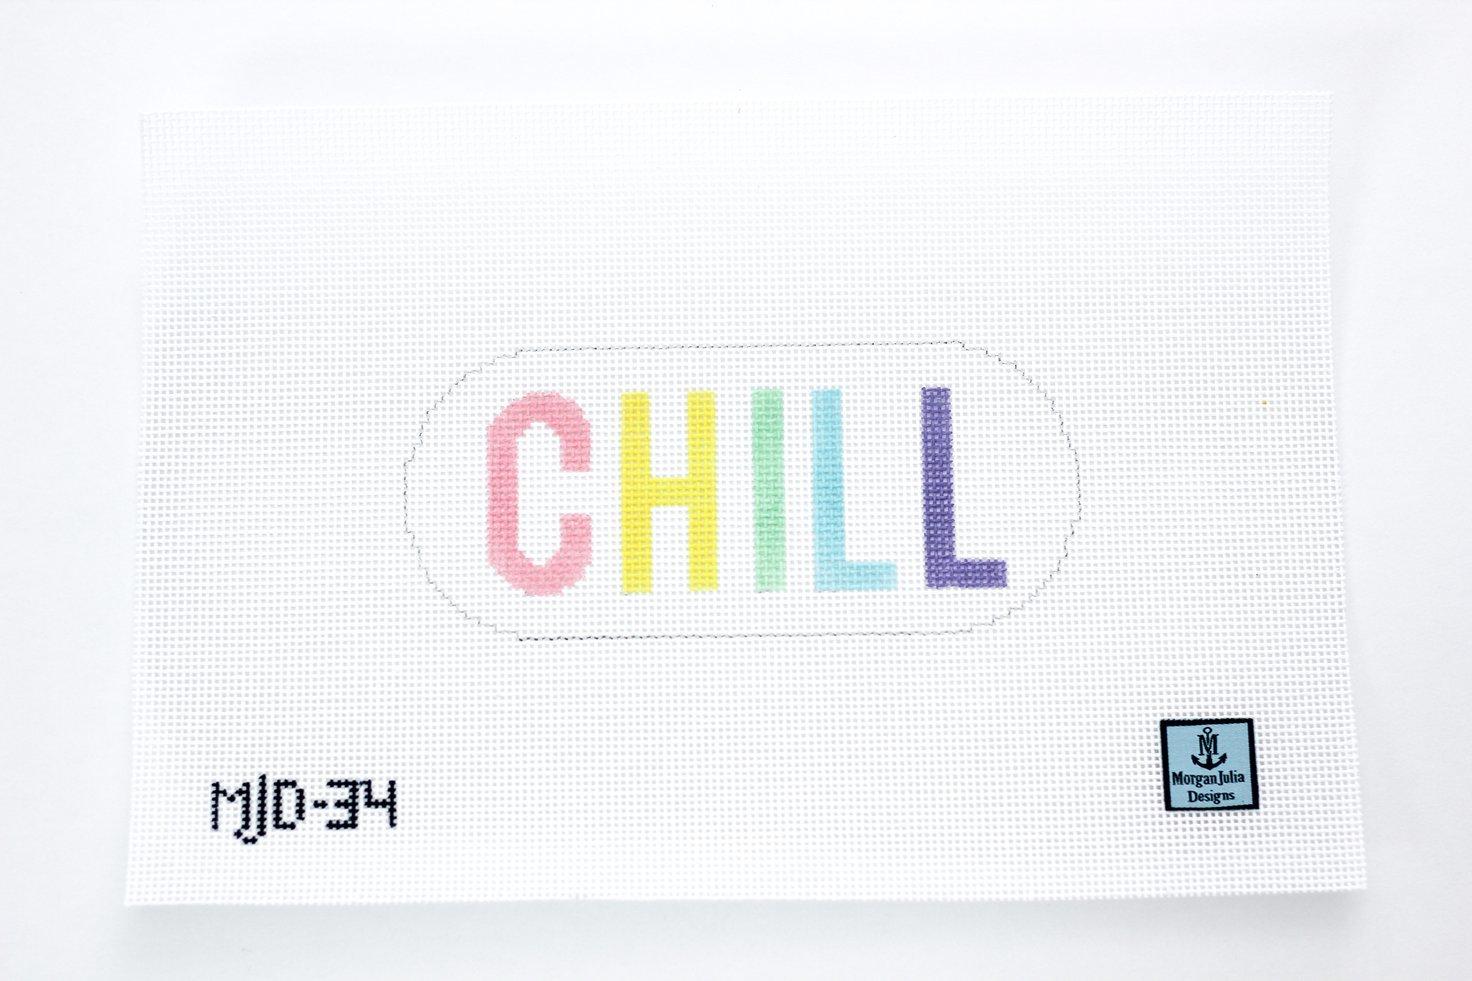 Pastel Chill Pill